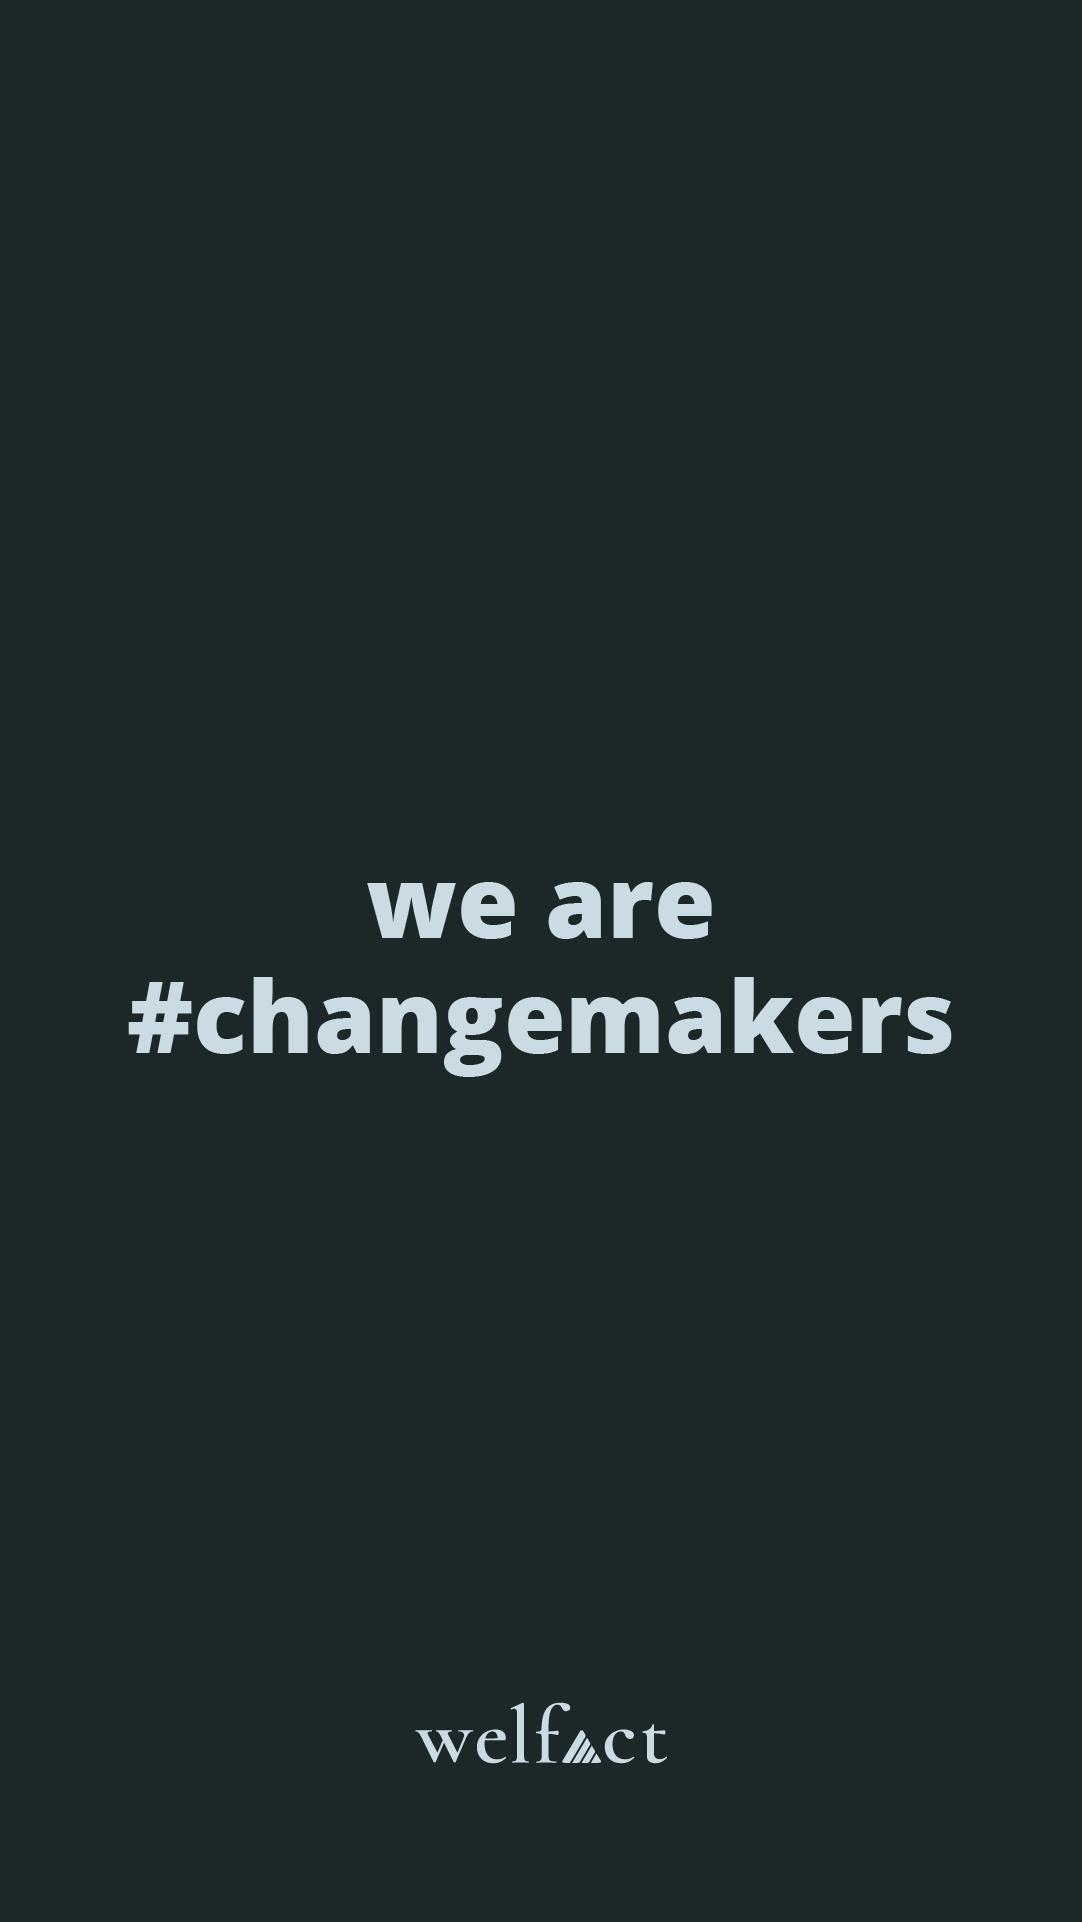 Welfact Assets - #ChangeMaker, Blue